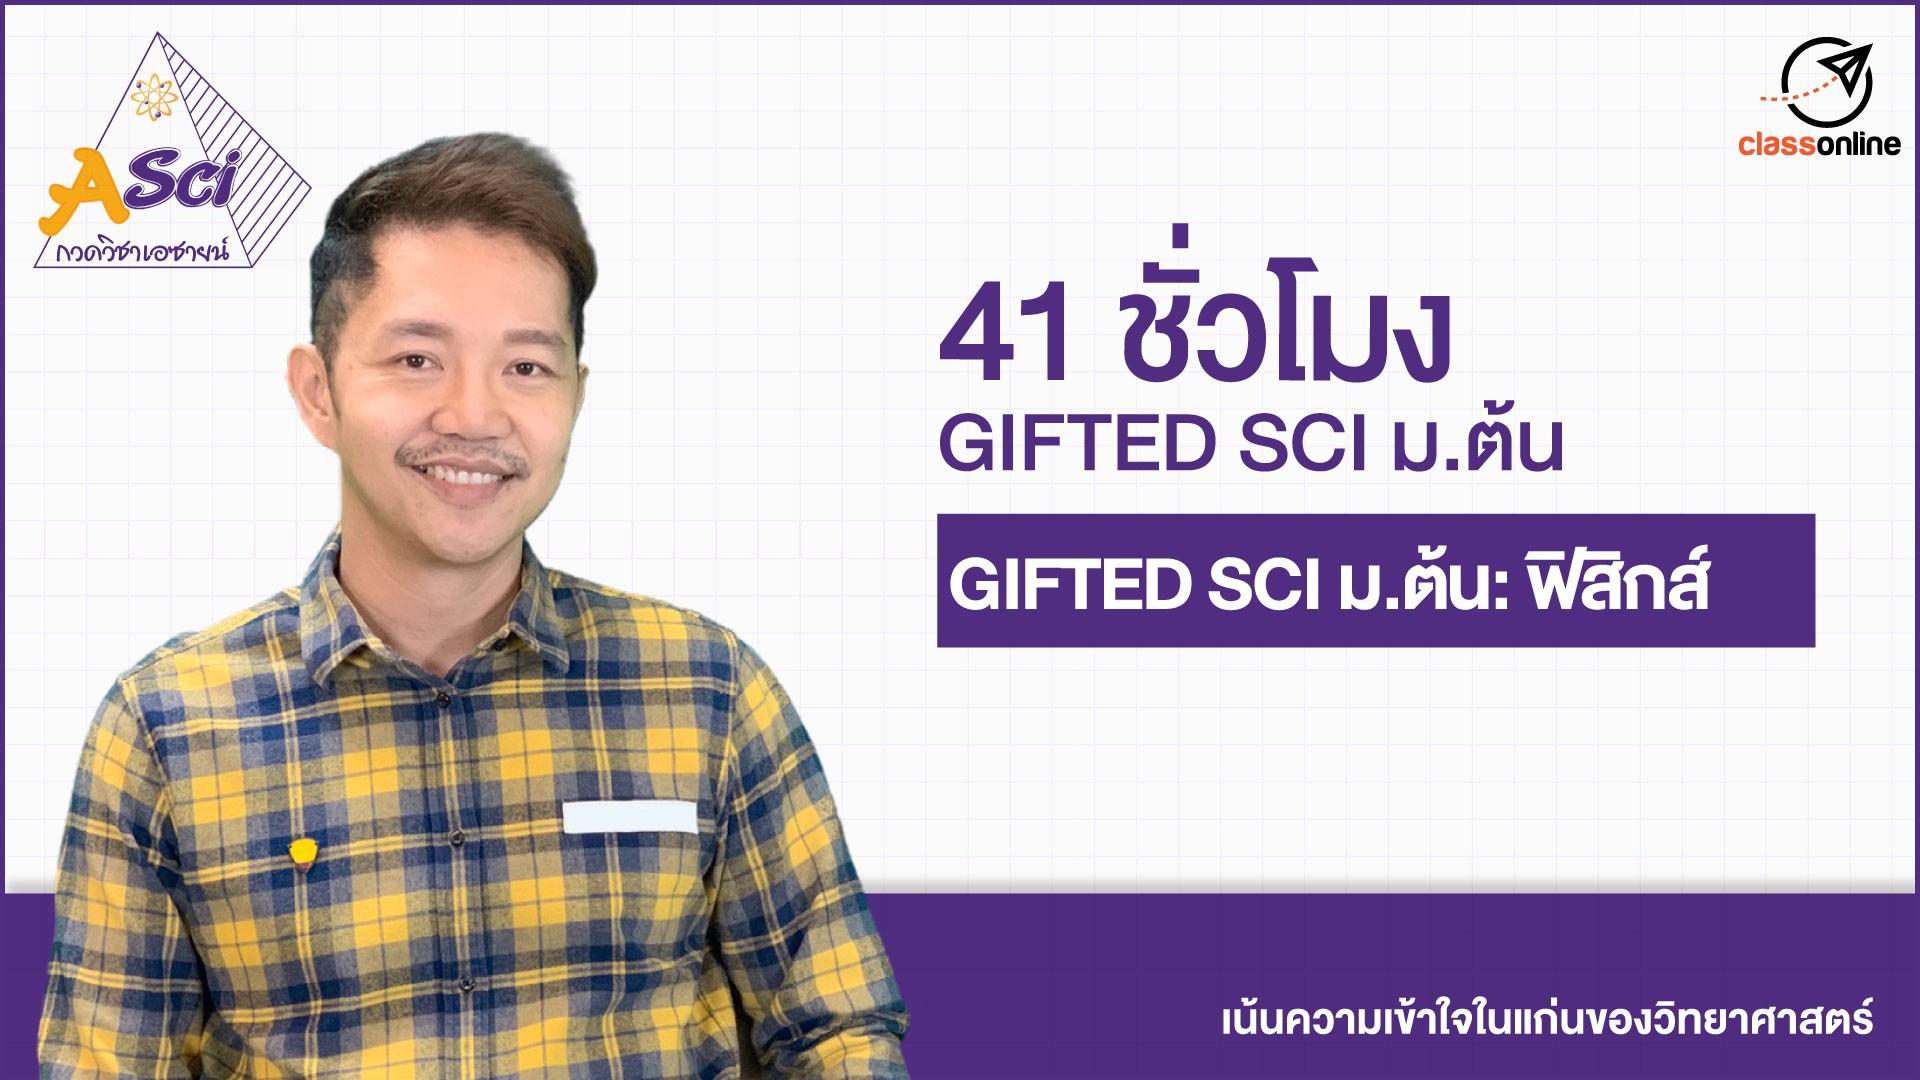 GIFTED SCI ม.ต้น: ฟิสิกส์ เล่ม 1